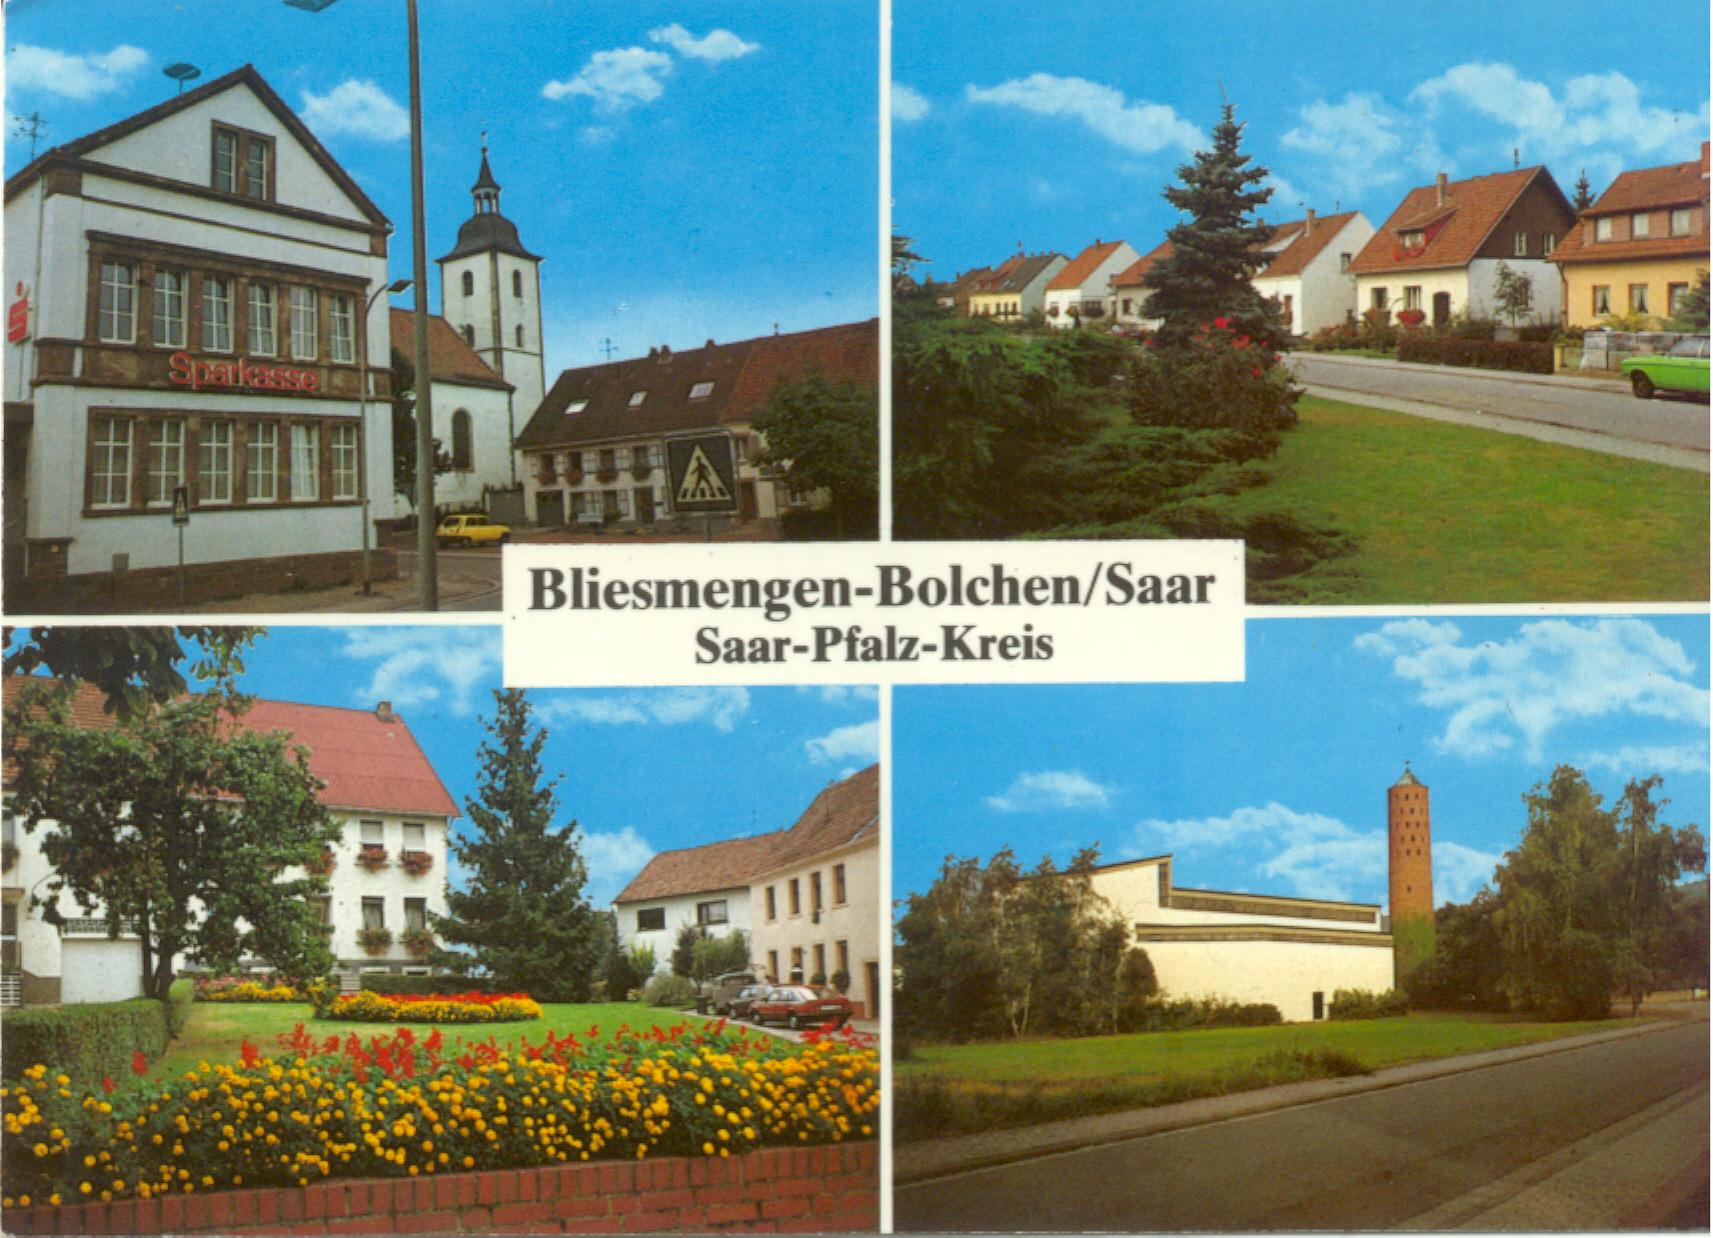 Ansichtskarte aus den 1980er-Jahren